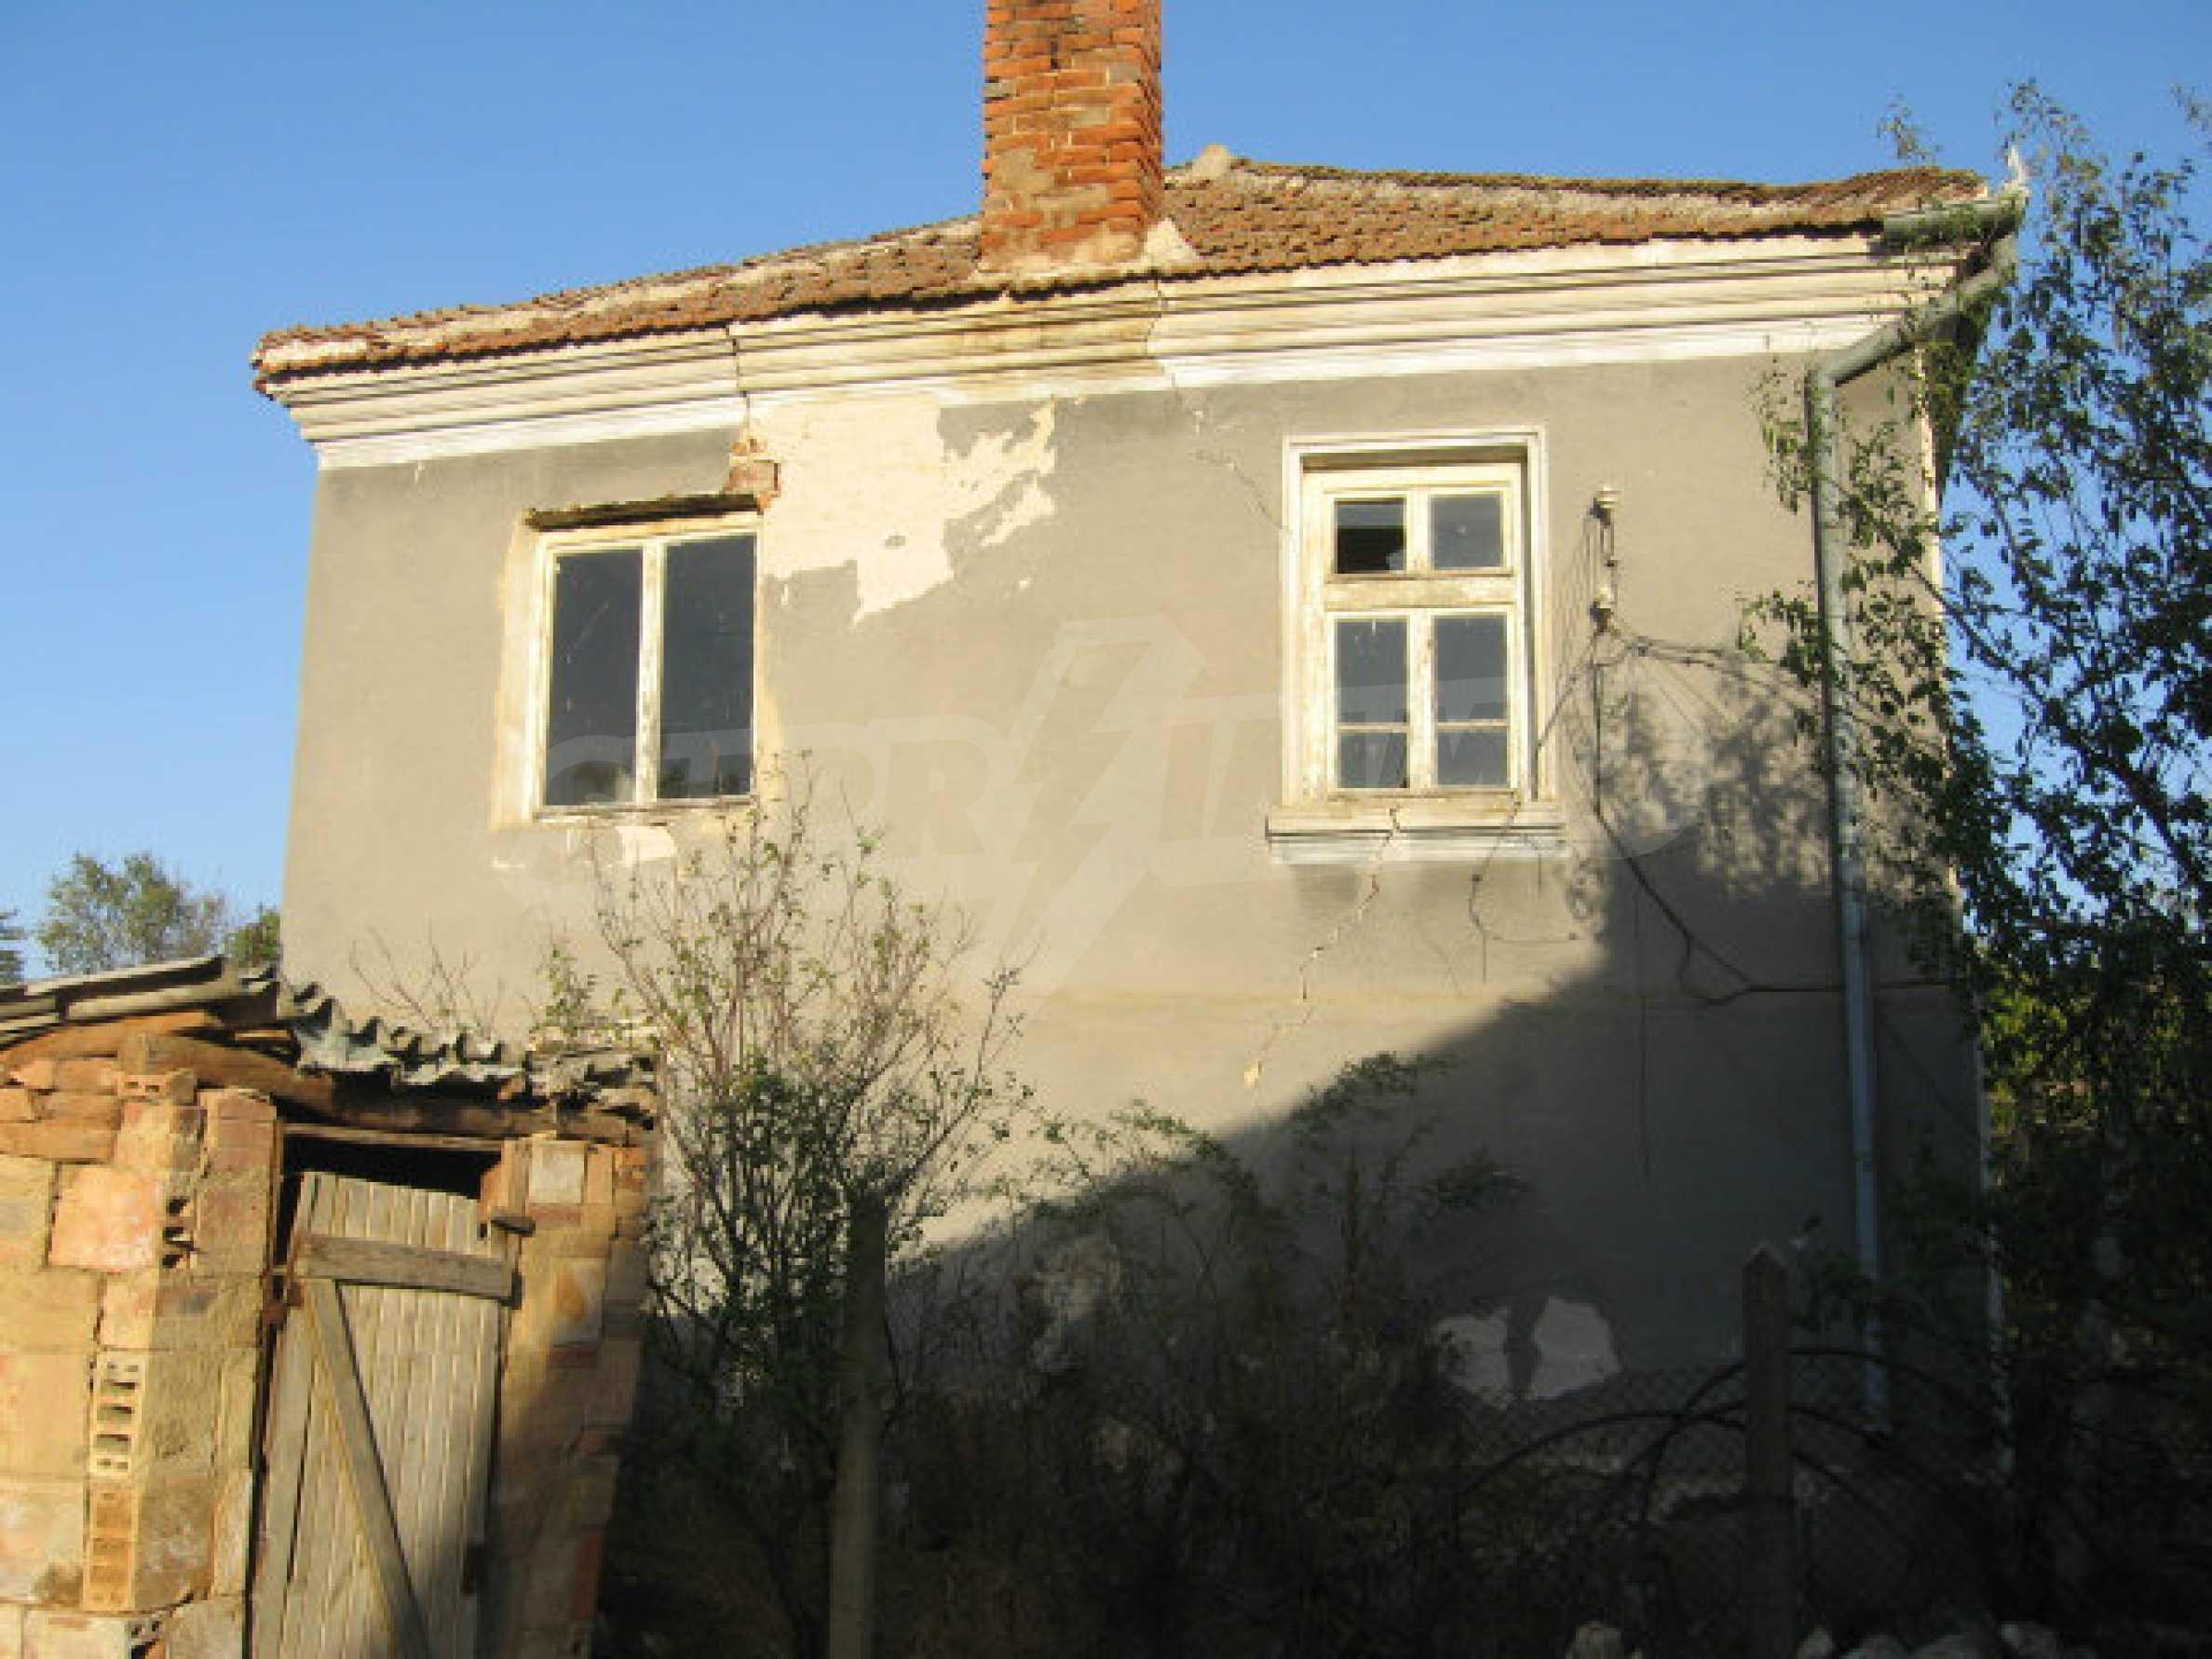 Sonniges zweistöckiges Haus in einem kleinen Dorf in der Nähe der Flüsse Tundzha und Elhovo 24